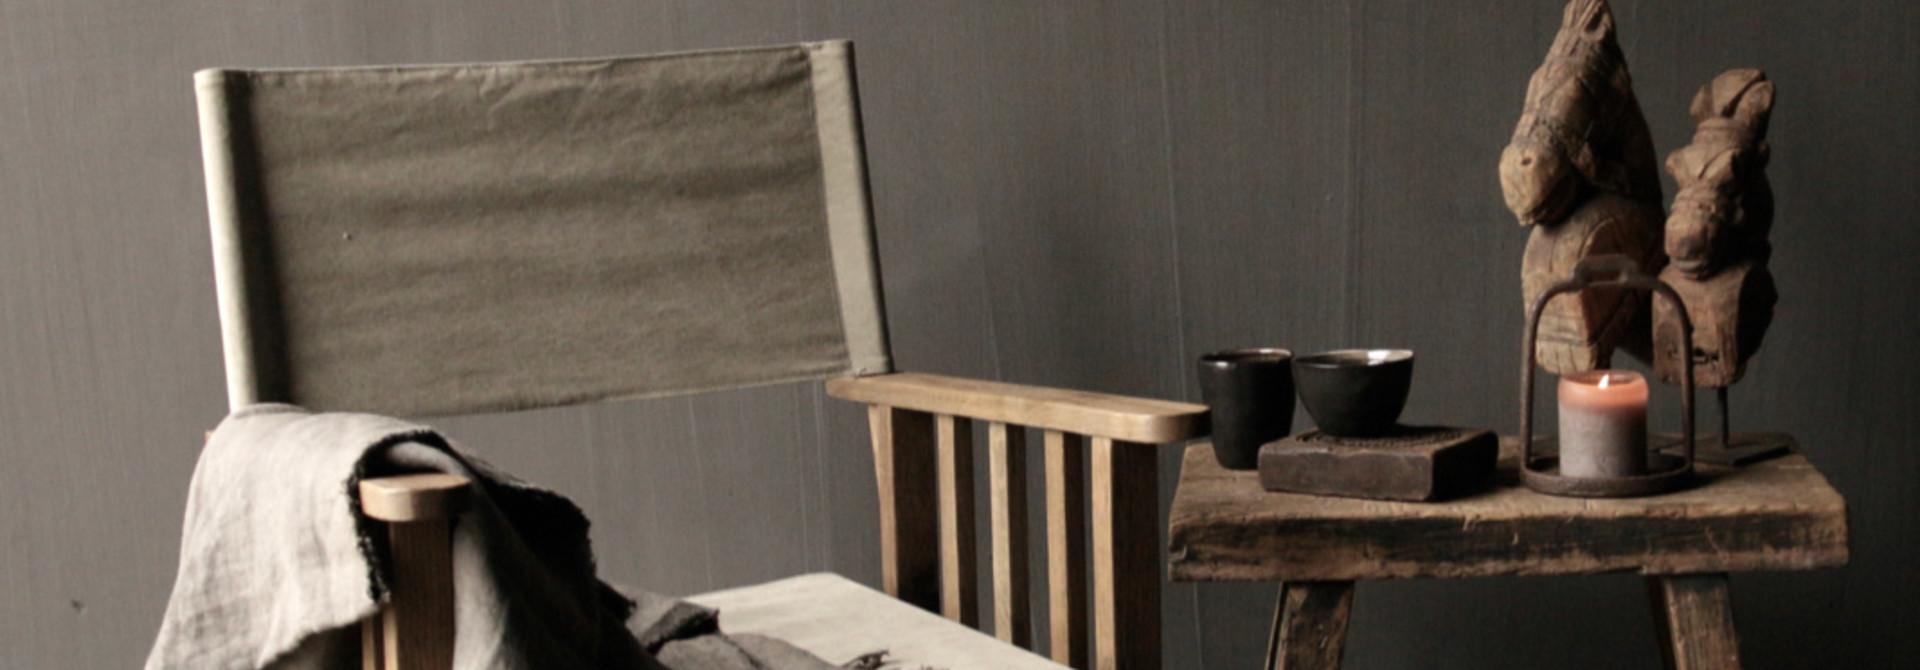 Regisseur schommelstoel